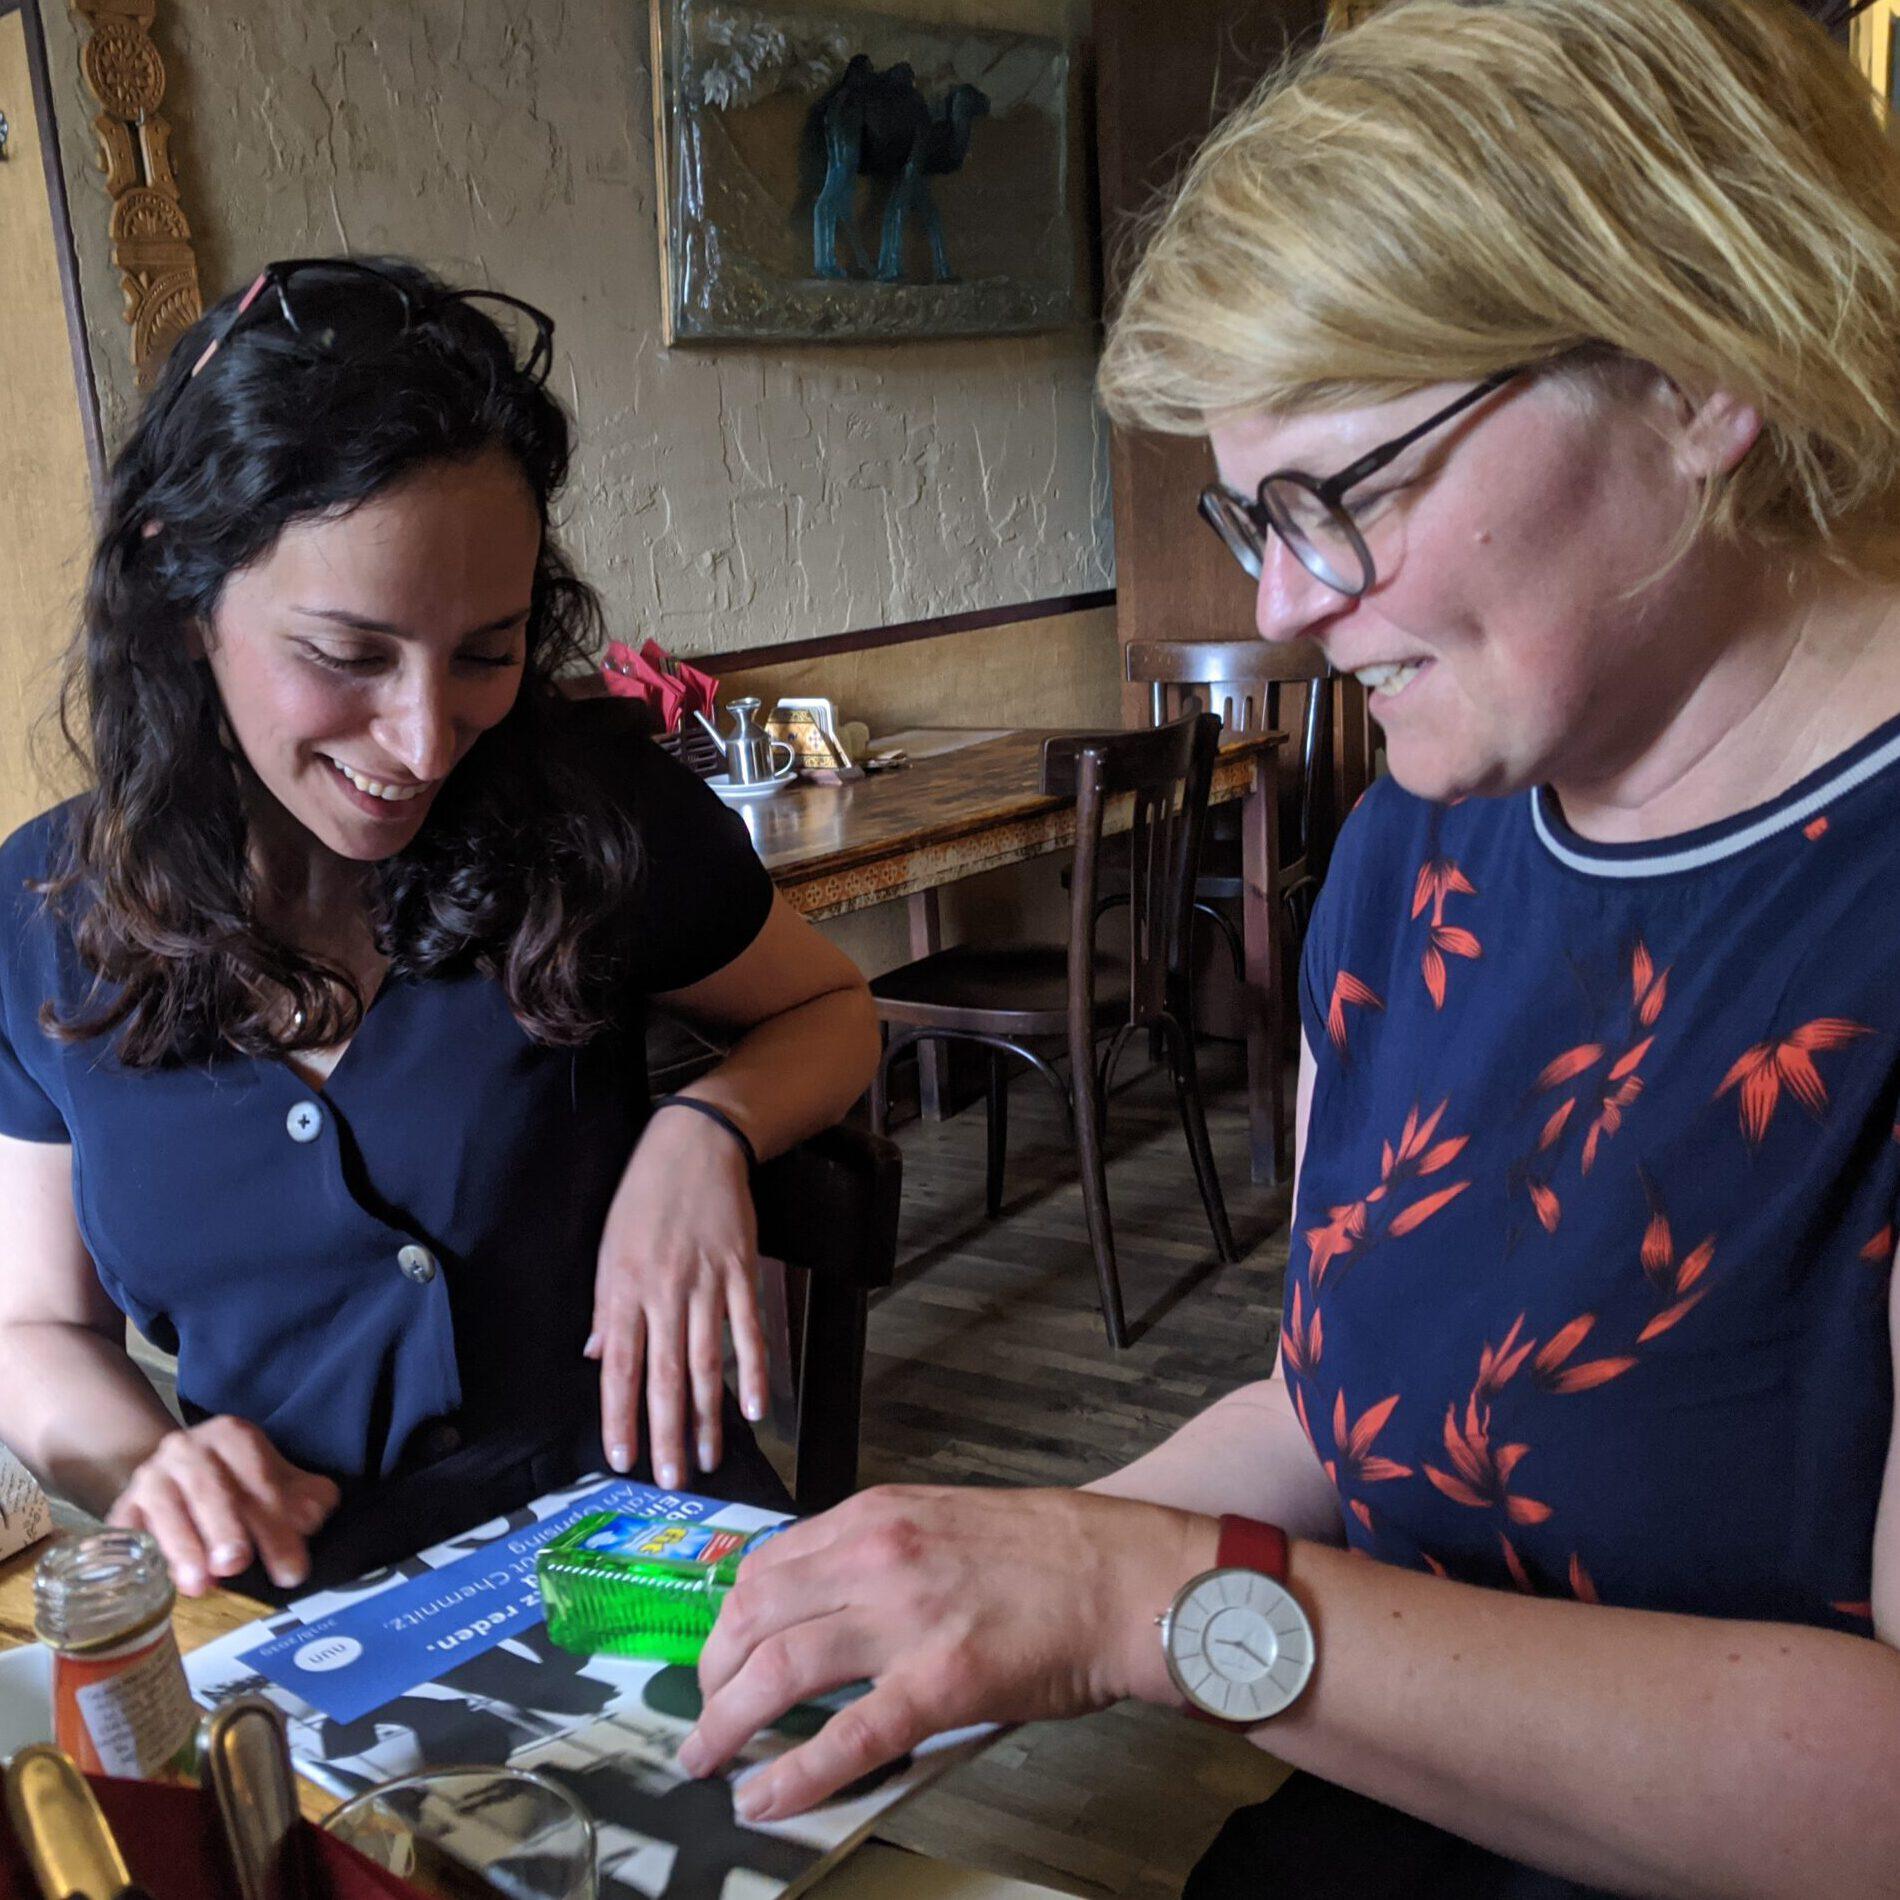 Zwei Frauen schauen sich Broschüre an